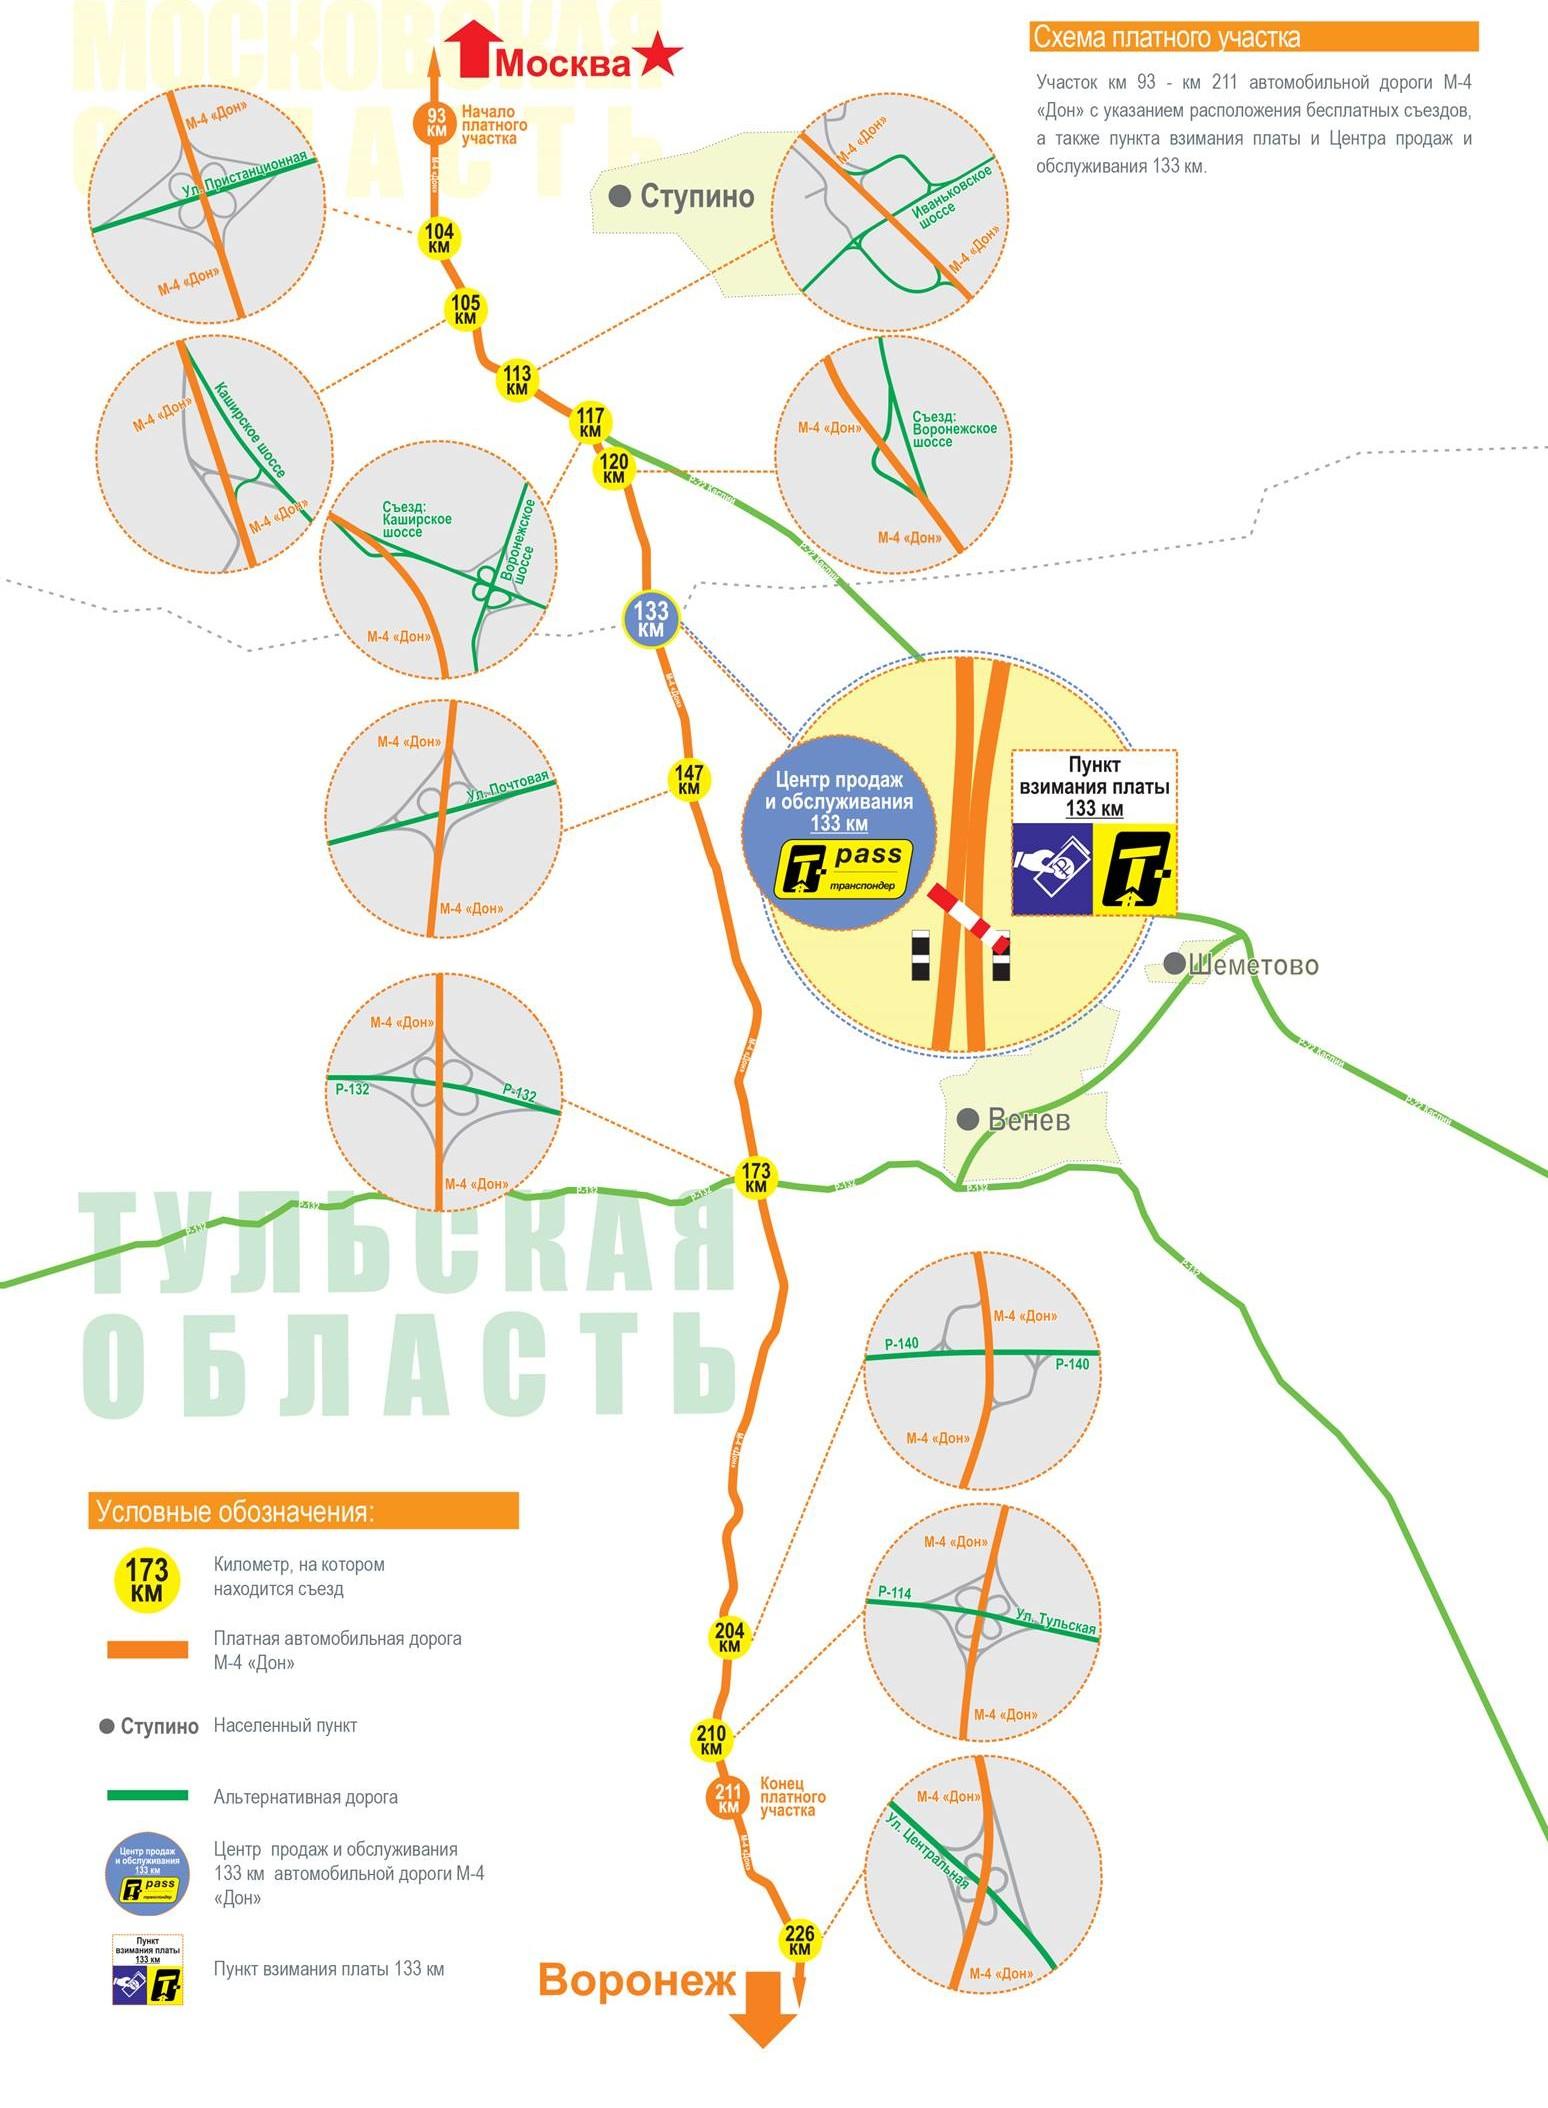 Схема платных участков м4 дон фото 618